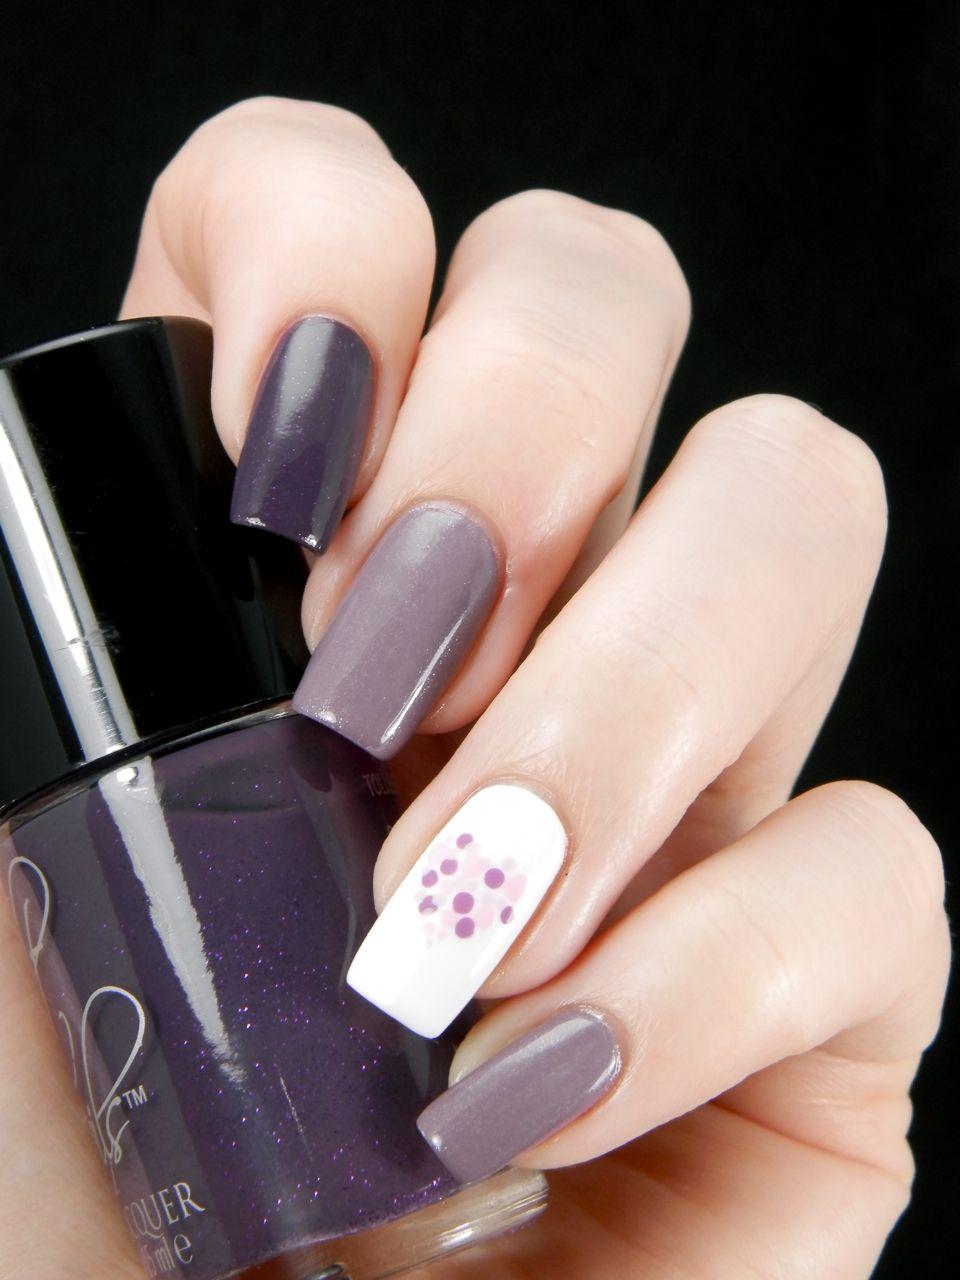 Better Nail Day: VALENTINE #nail #nails #nailart